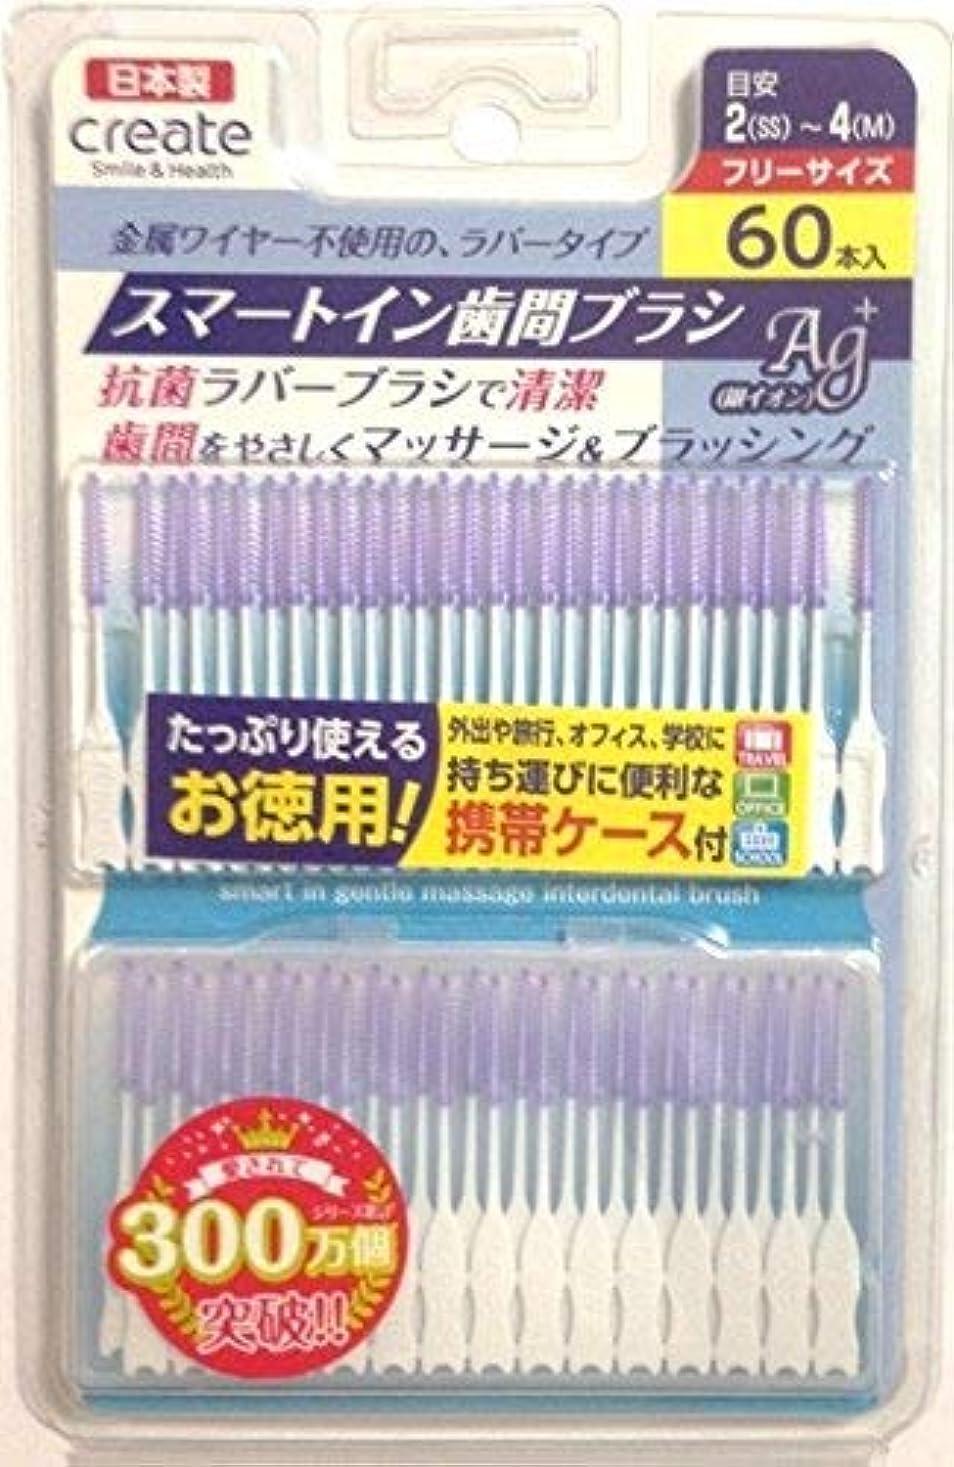 クリエイト スマートイン歯間ブラシ 2(SS)-4(M) 金属ワイヤー不使用?ラバータイプ お徳用 60本×3個